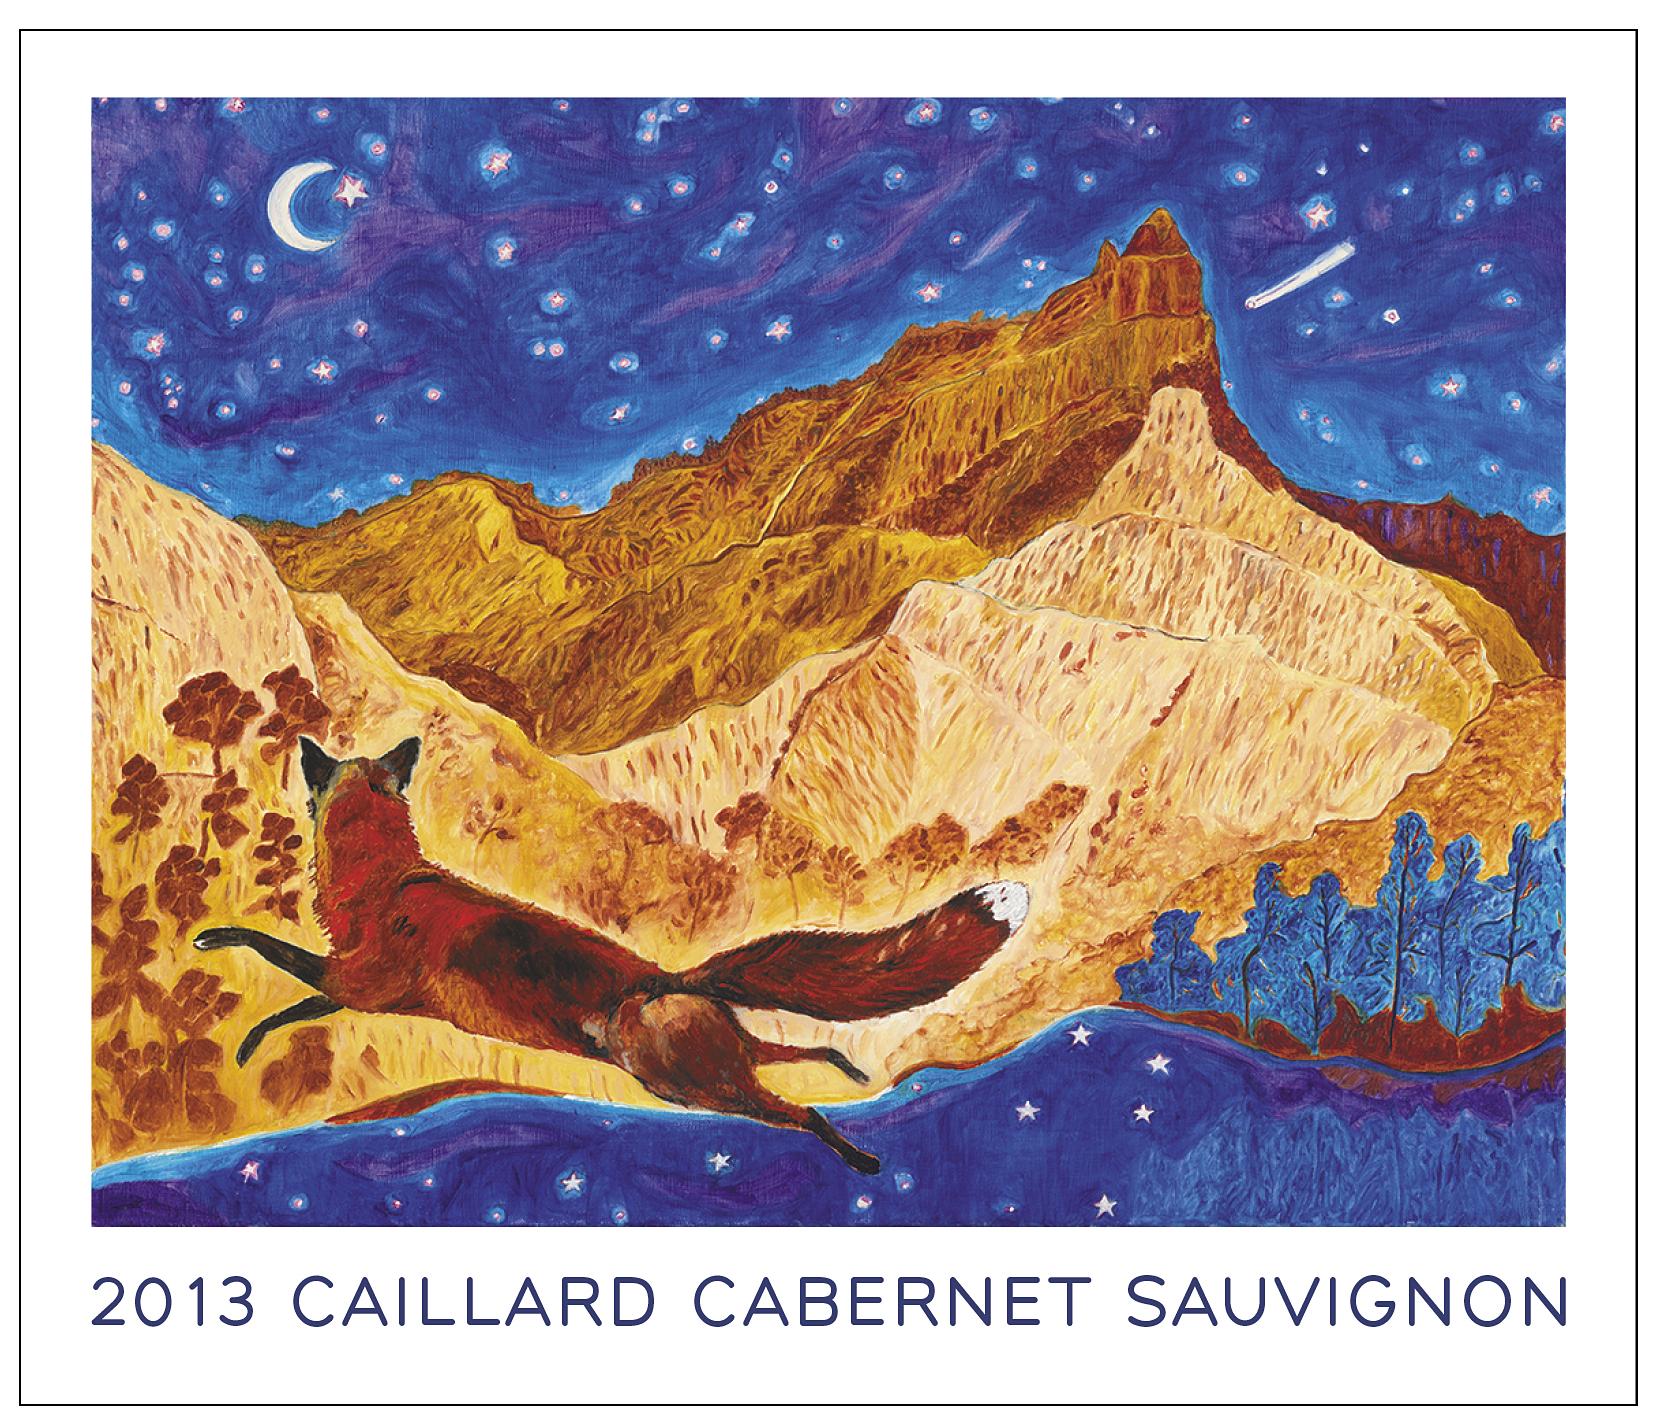 Caillard Cabernet Sauvignon 2013